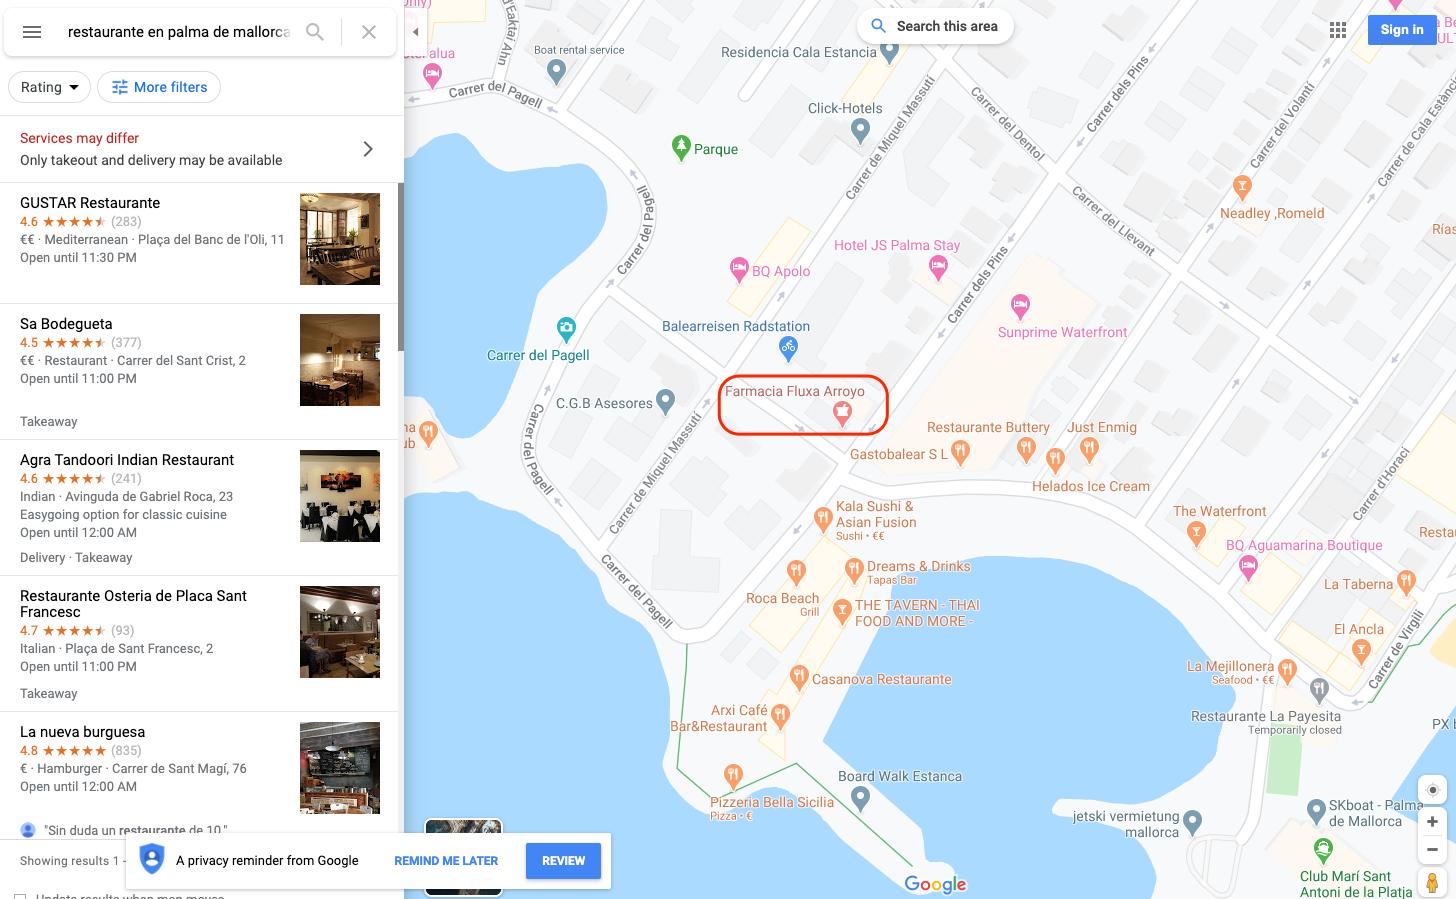 restaurante_en_palma_de_mallorca_-_Google_Maps5.png